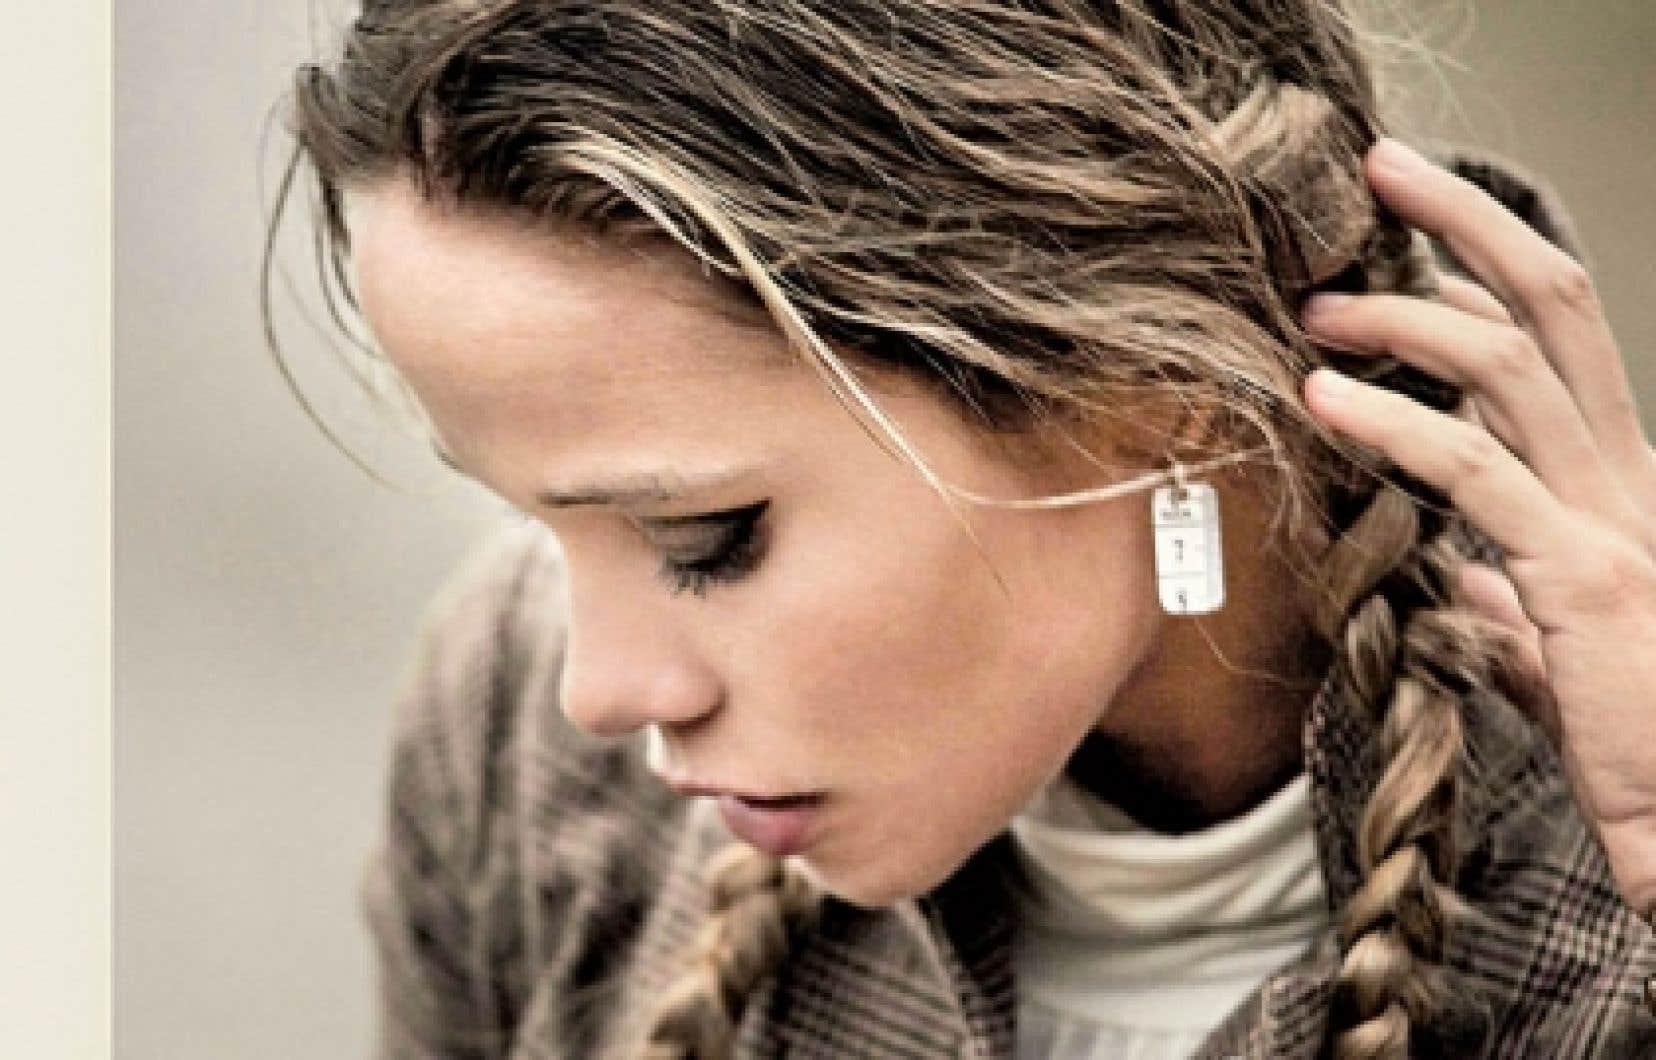 En plus d'accessoires créés à partir de ceintures de sécurité de voitures, ChikiboOm conçoit des boucles d'oreille avec des rubans à mesurer et des montres dont le bracelet est en cuir recyclé.